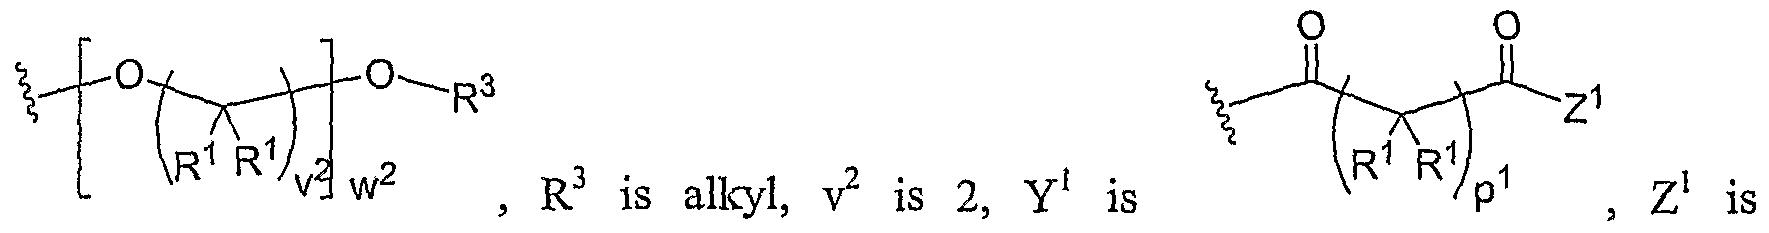 Figure imgf000329_0005